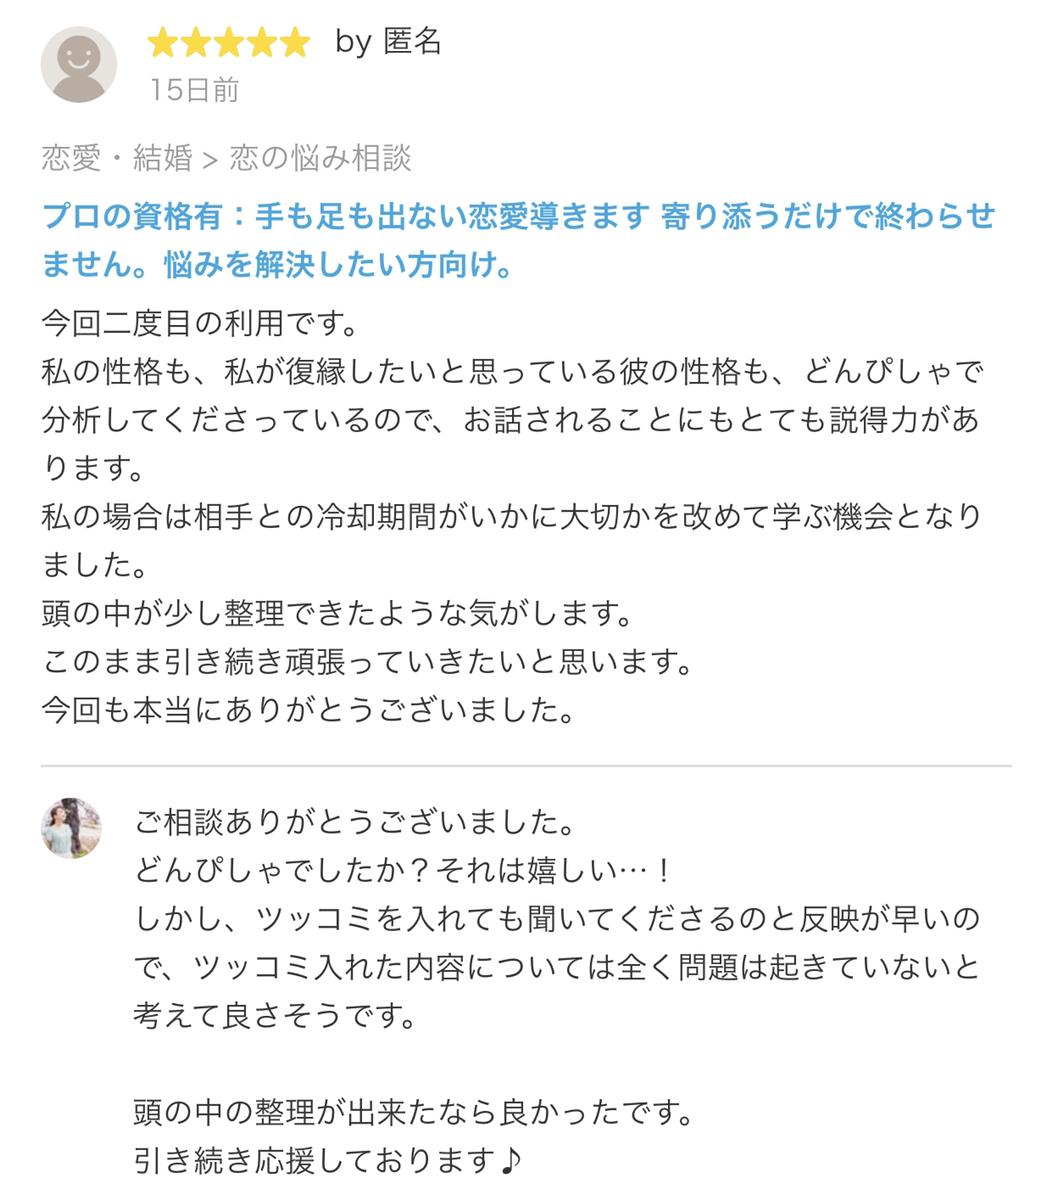 f:id:megumi_sato:20210116213705p:plain